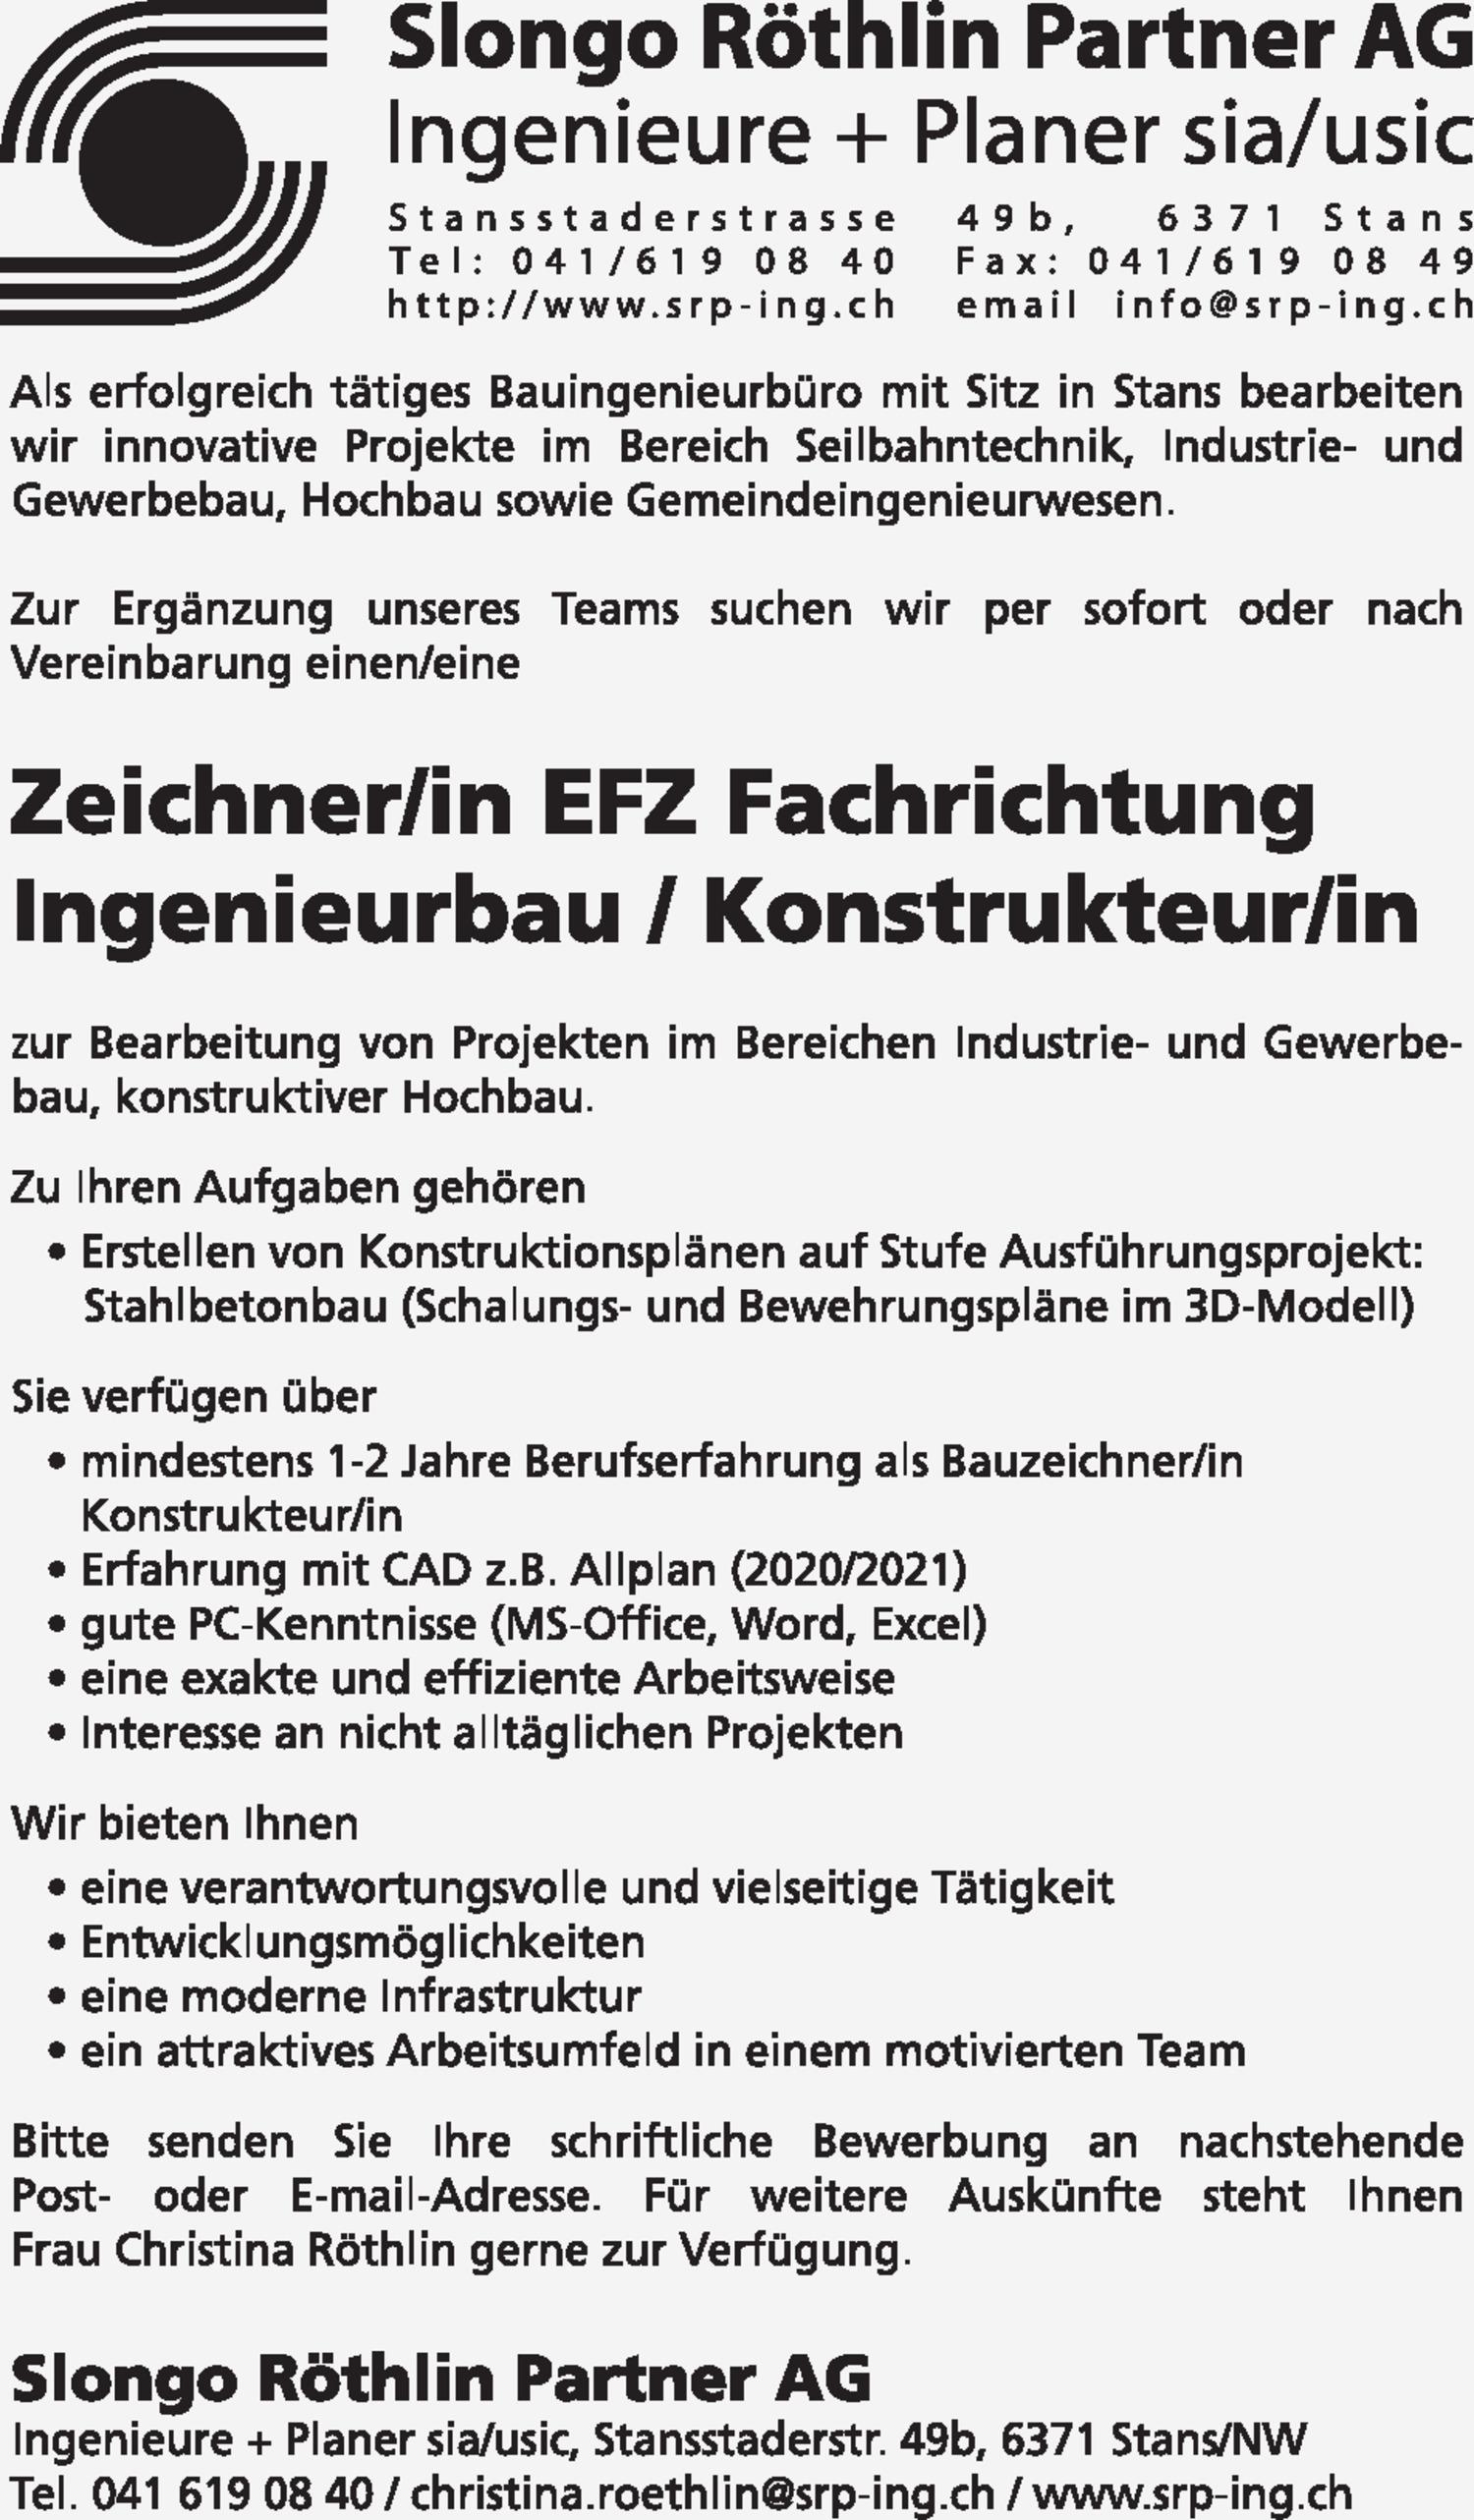 Inserat Zeichner/in EFZ Fachrichtung Ingenieurbau / Konstrukteur/in